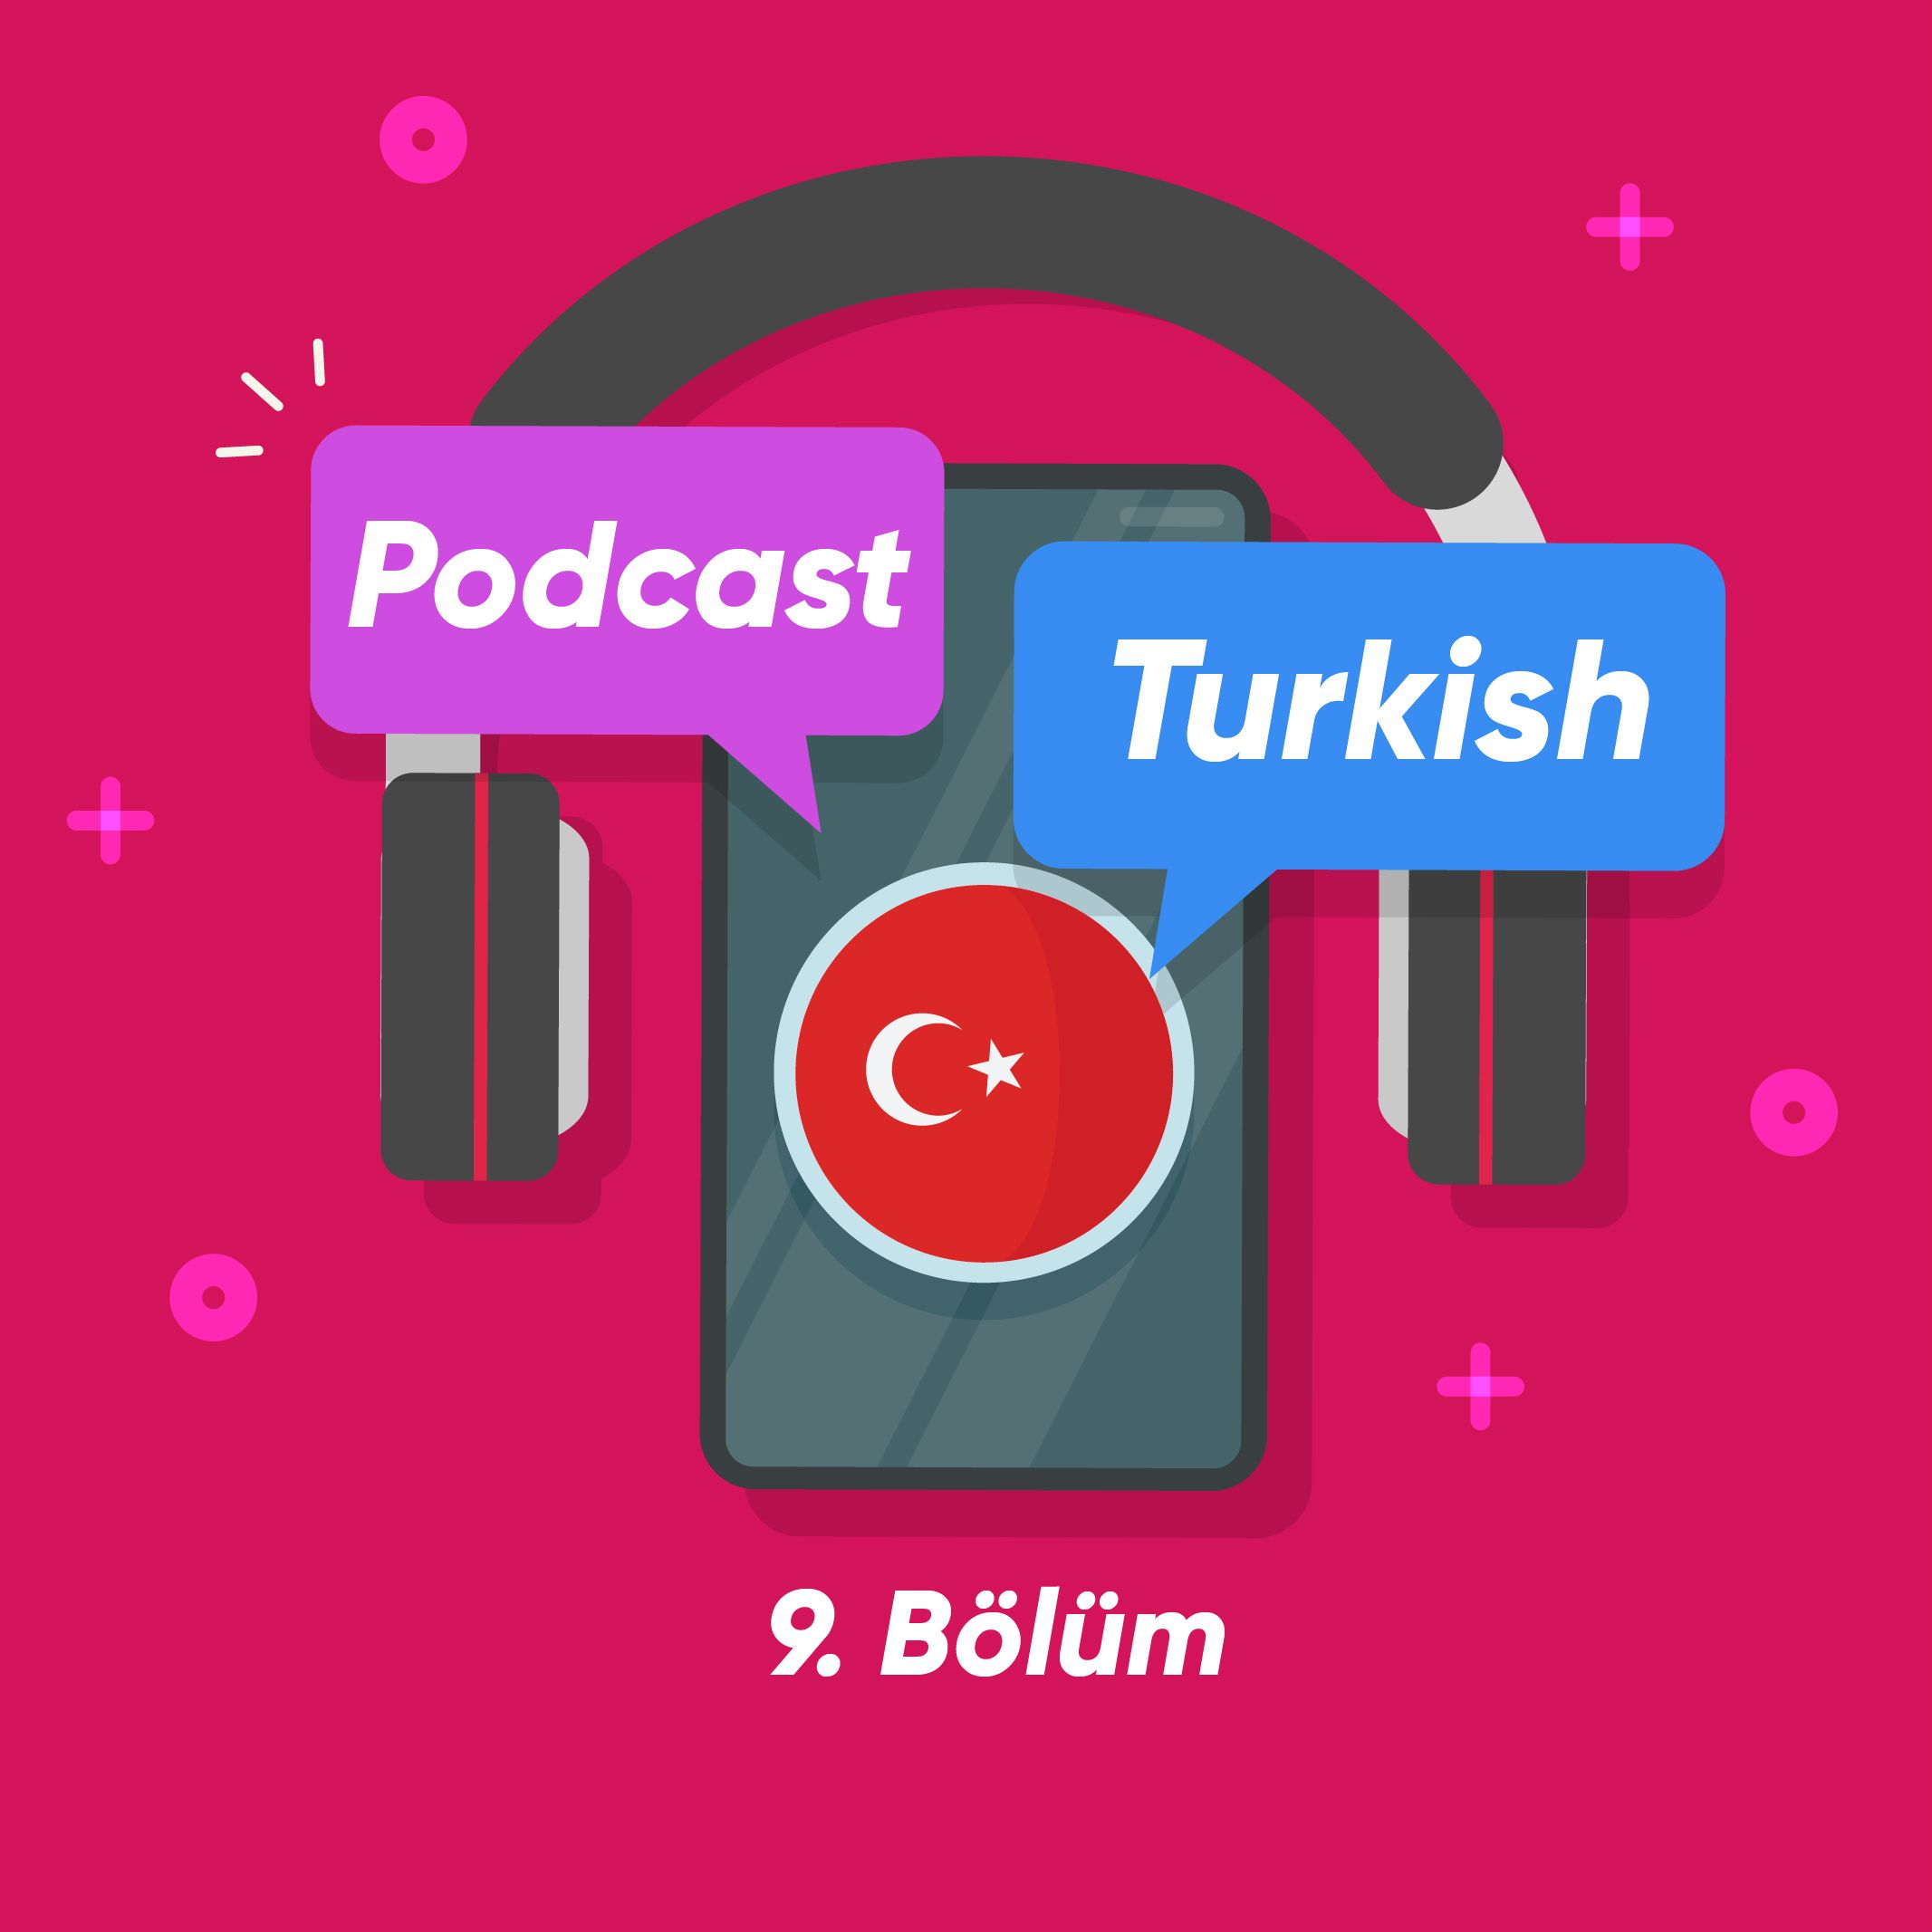 پادکست ترکی استانبولی شماره 9